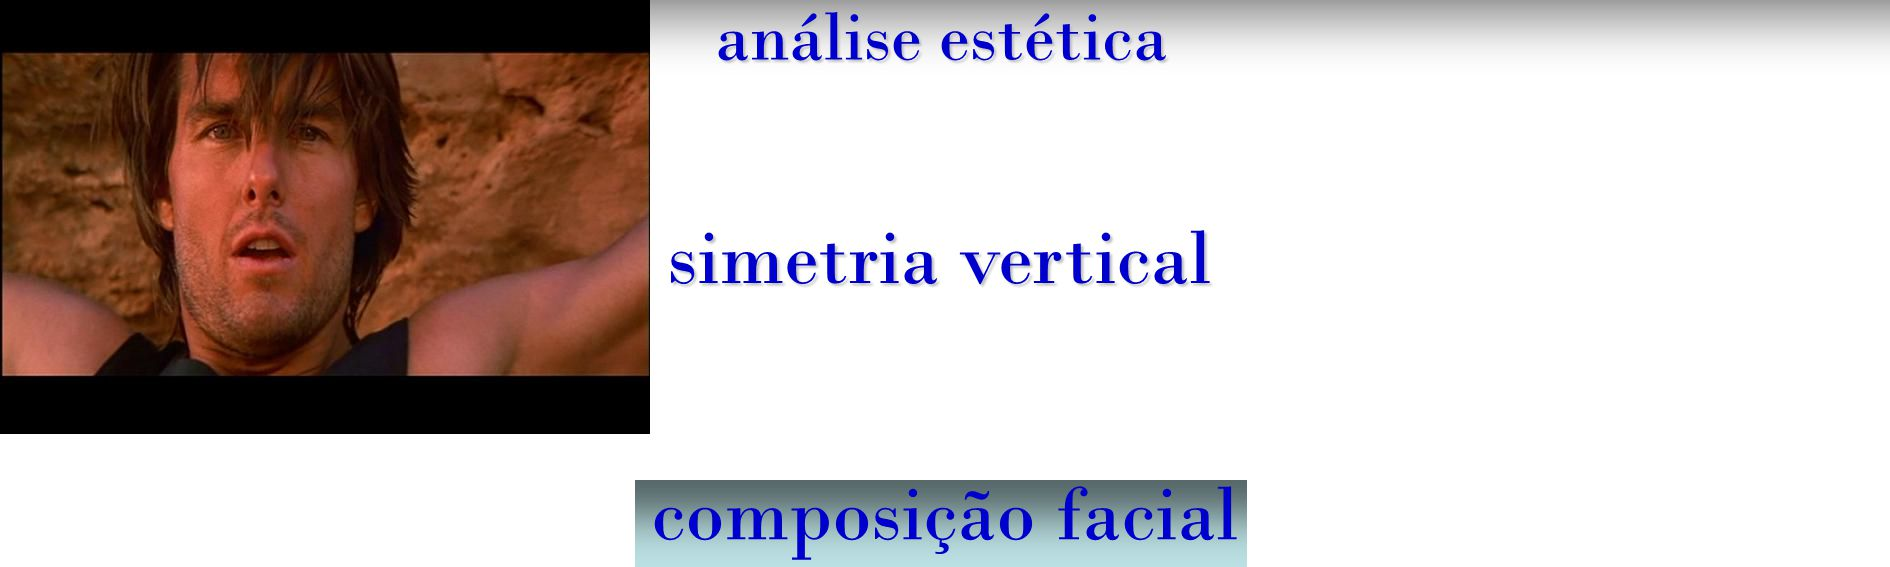 análise estética simetria vertical